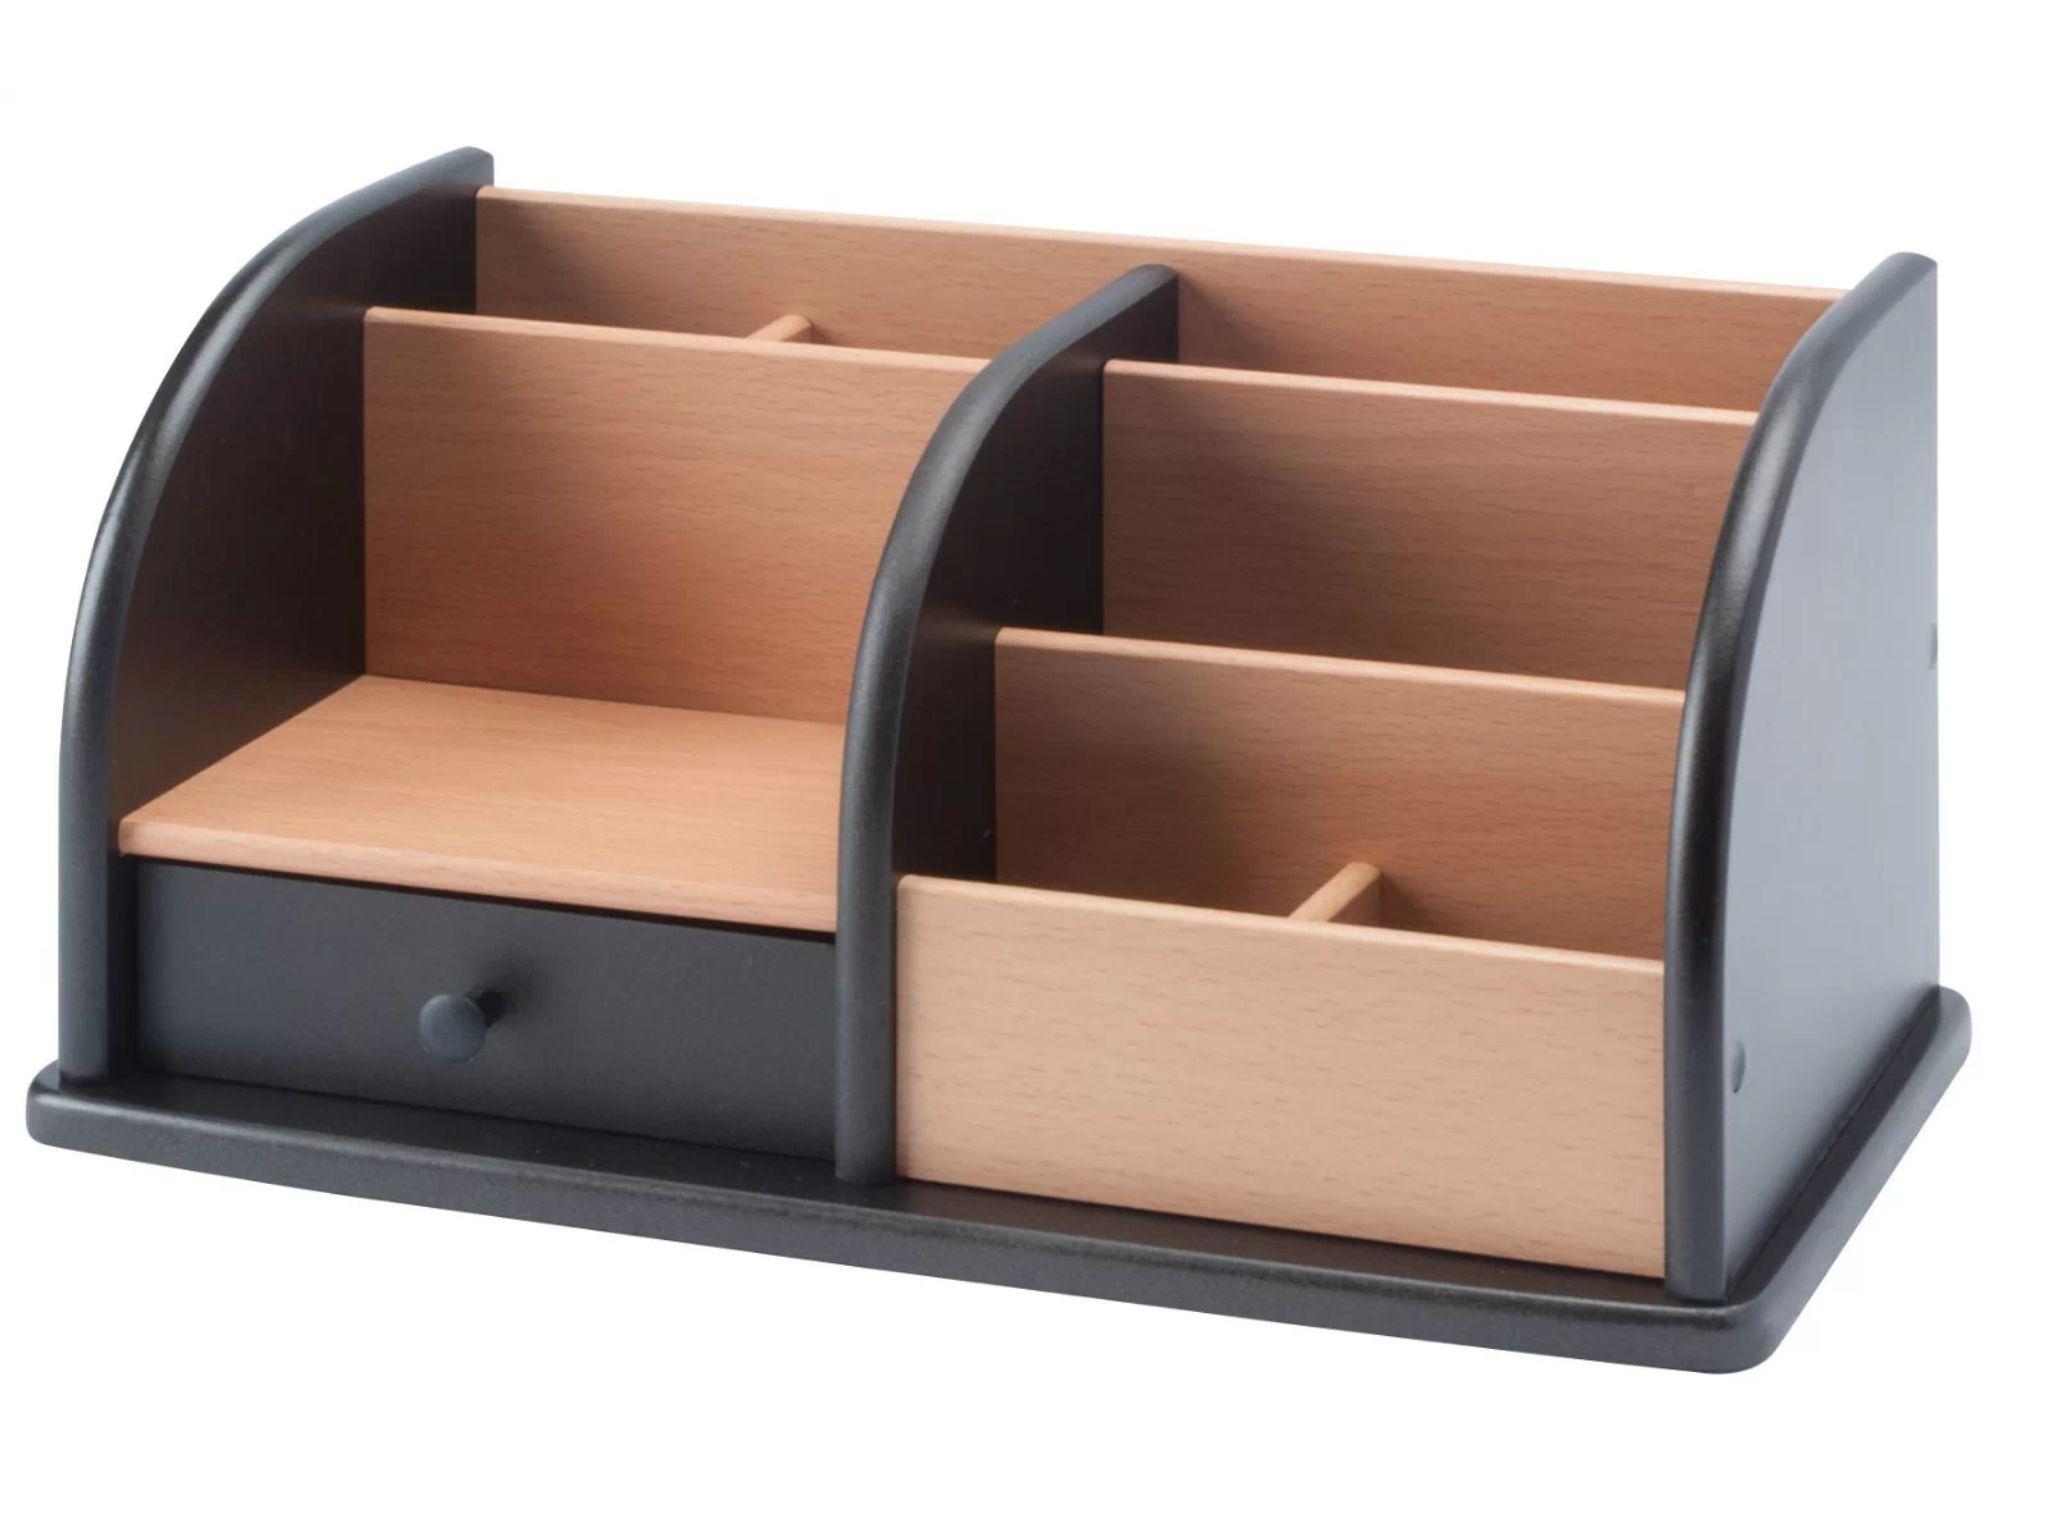 Osco Wooden Desk Organiser Black And Beech Staionary Pen Storage Holde Organizador De Escritorio De Madera Muebles De Exterior De Paleta Escritorio De Madera